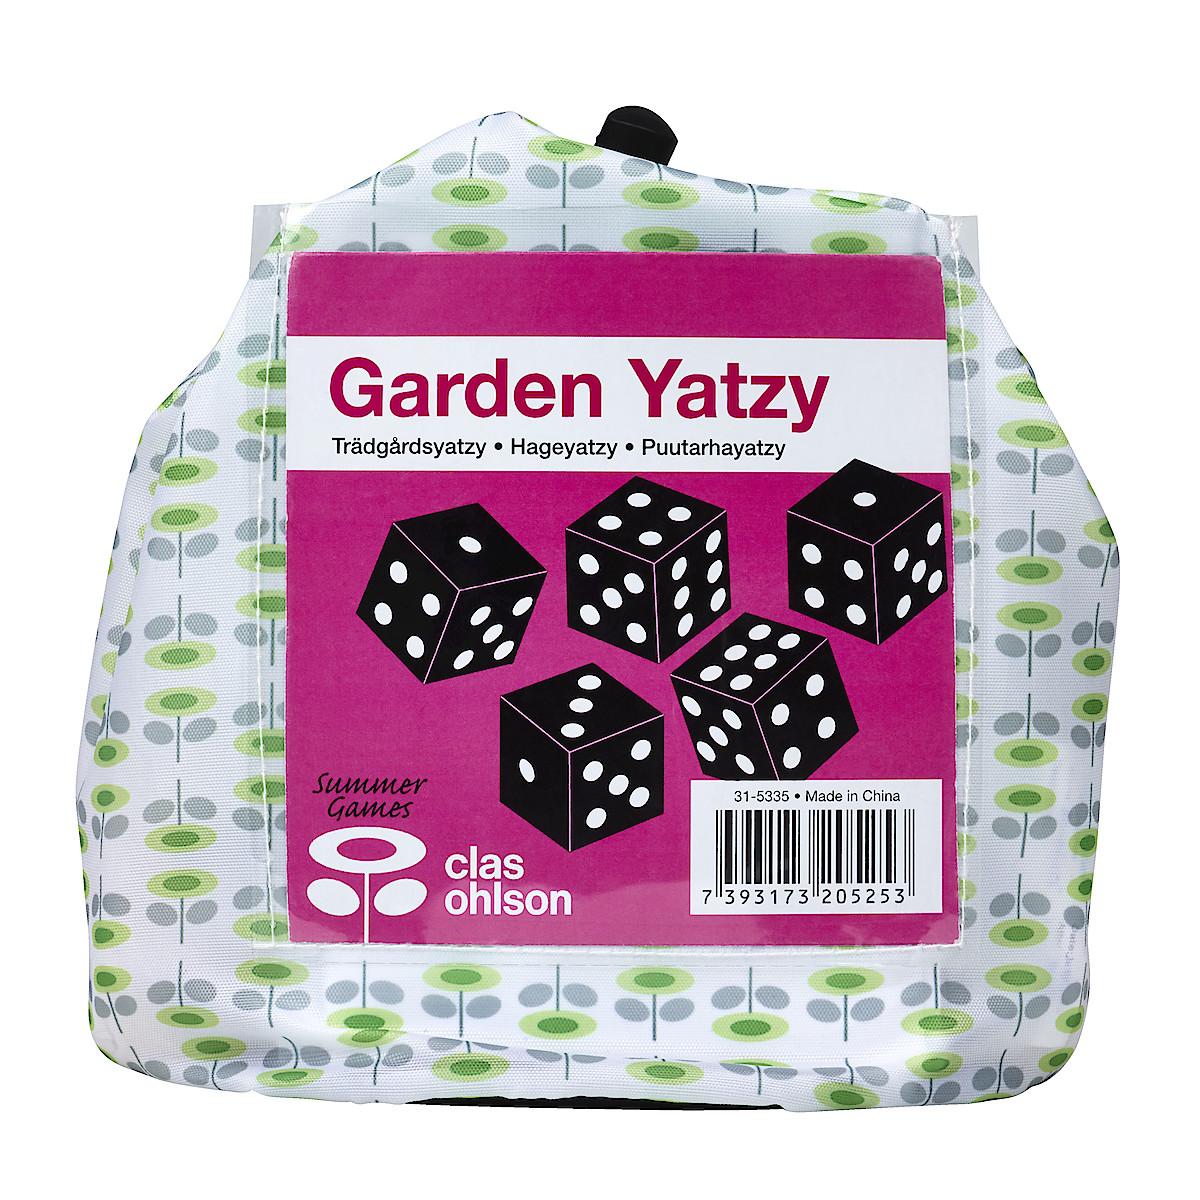 Trädgårdsyatzy